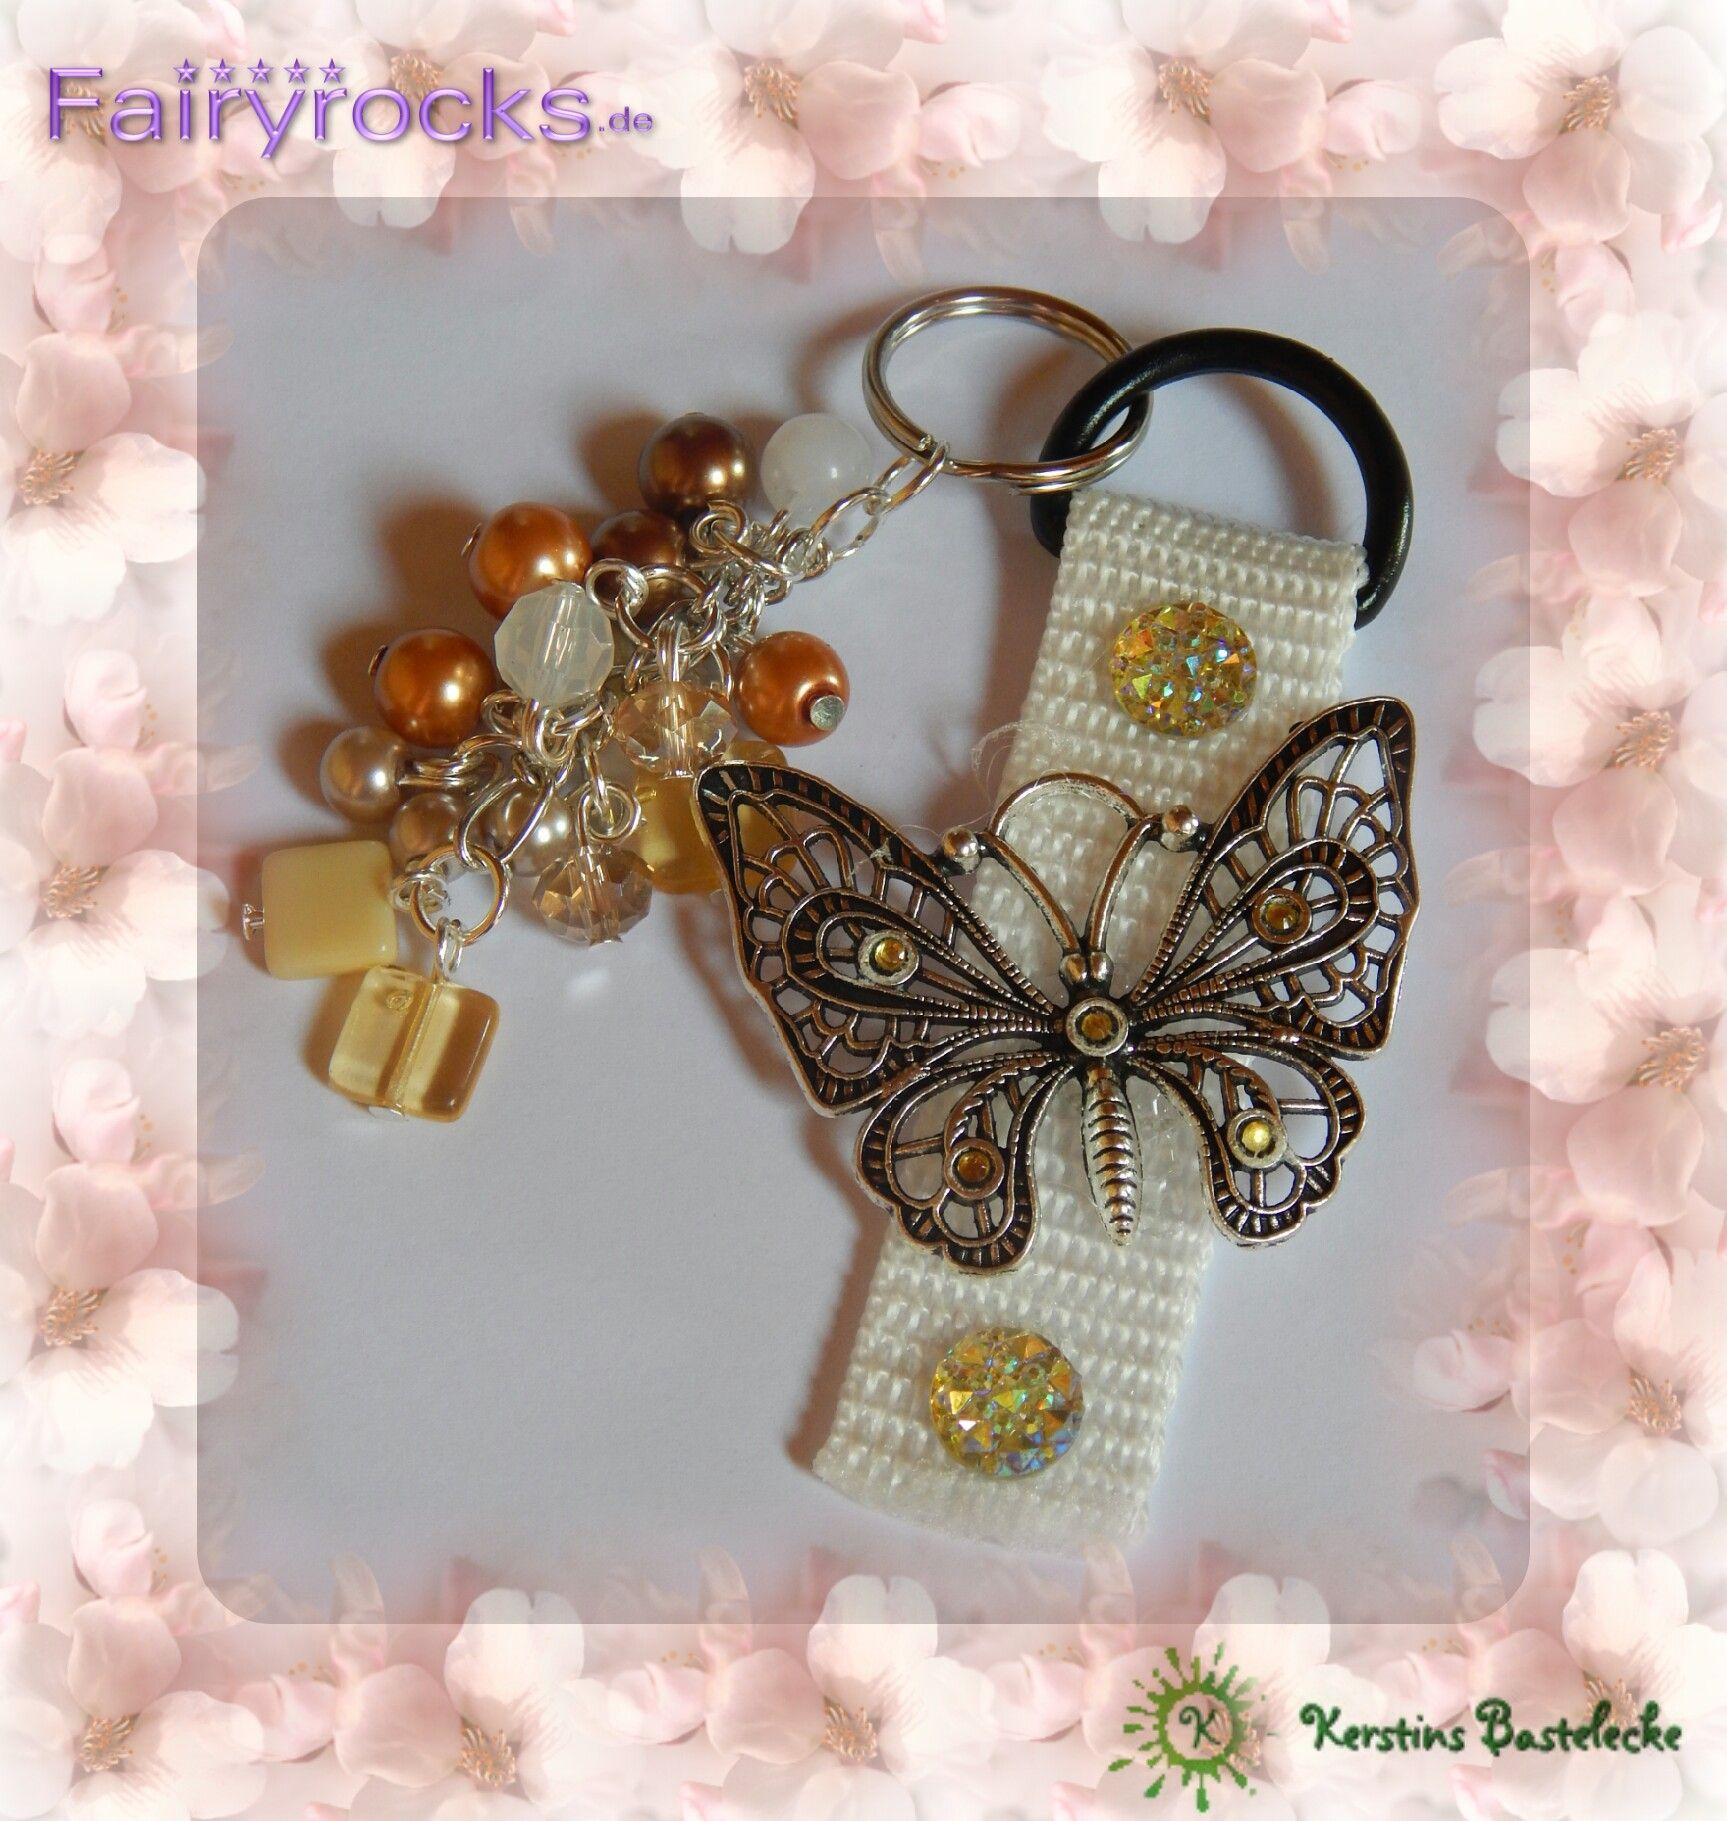 #Weiß #Schmetterling #Glassteine #Textilkord #Perlen #Gold